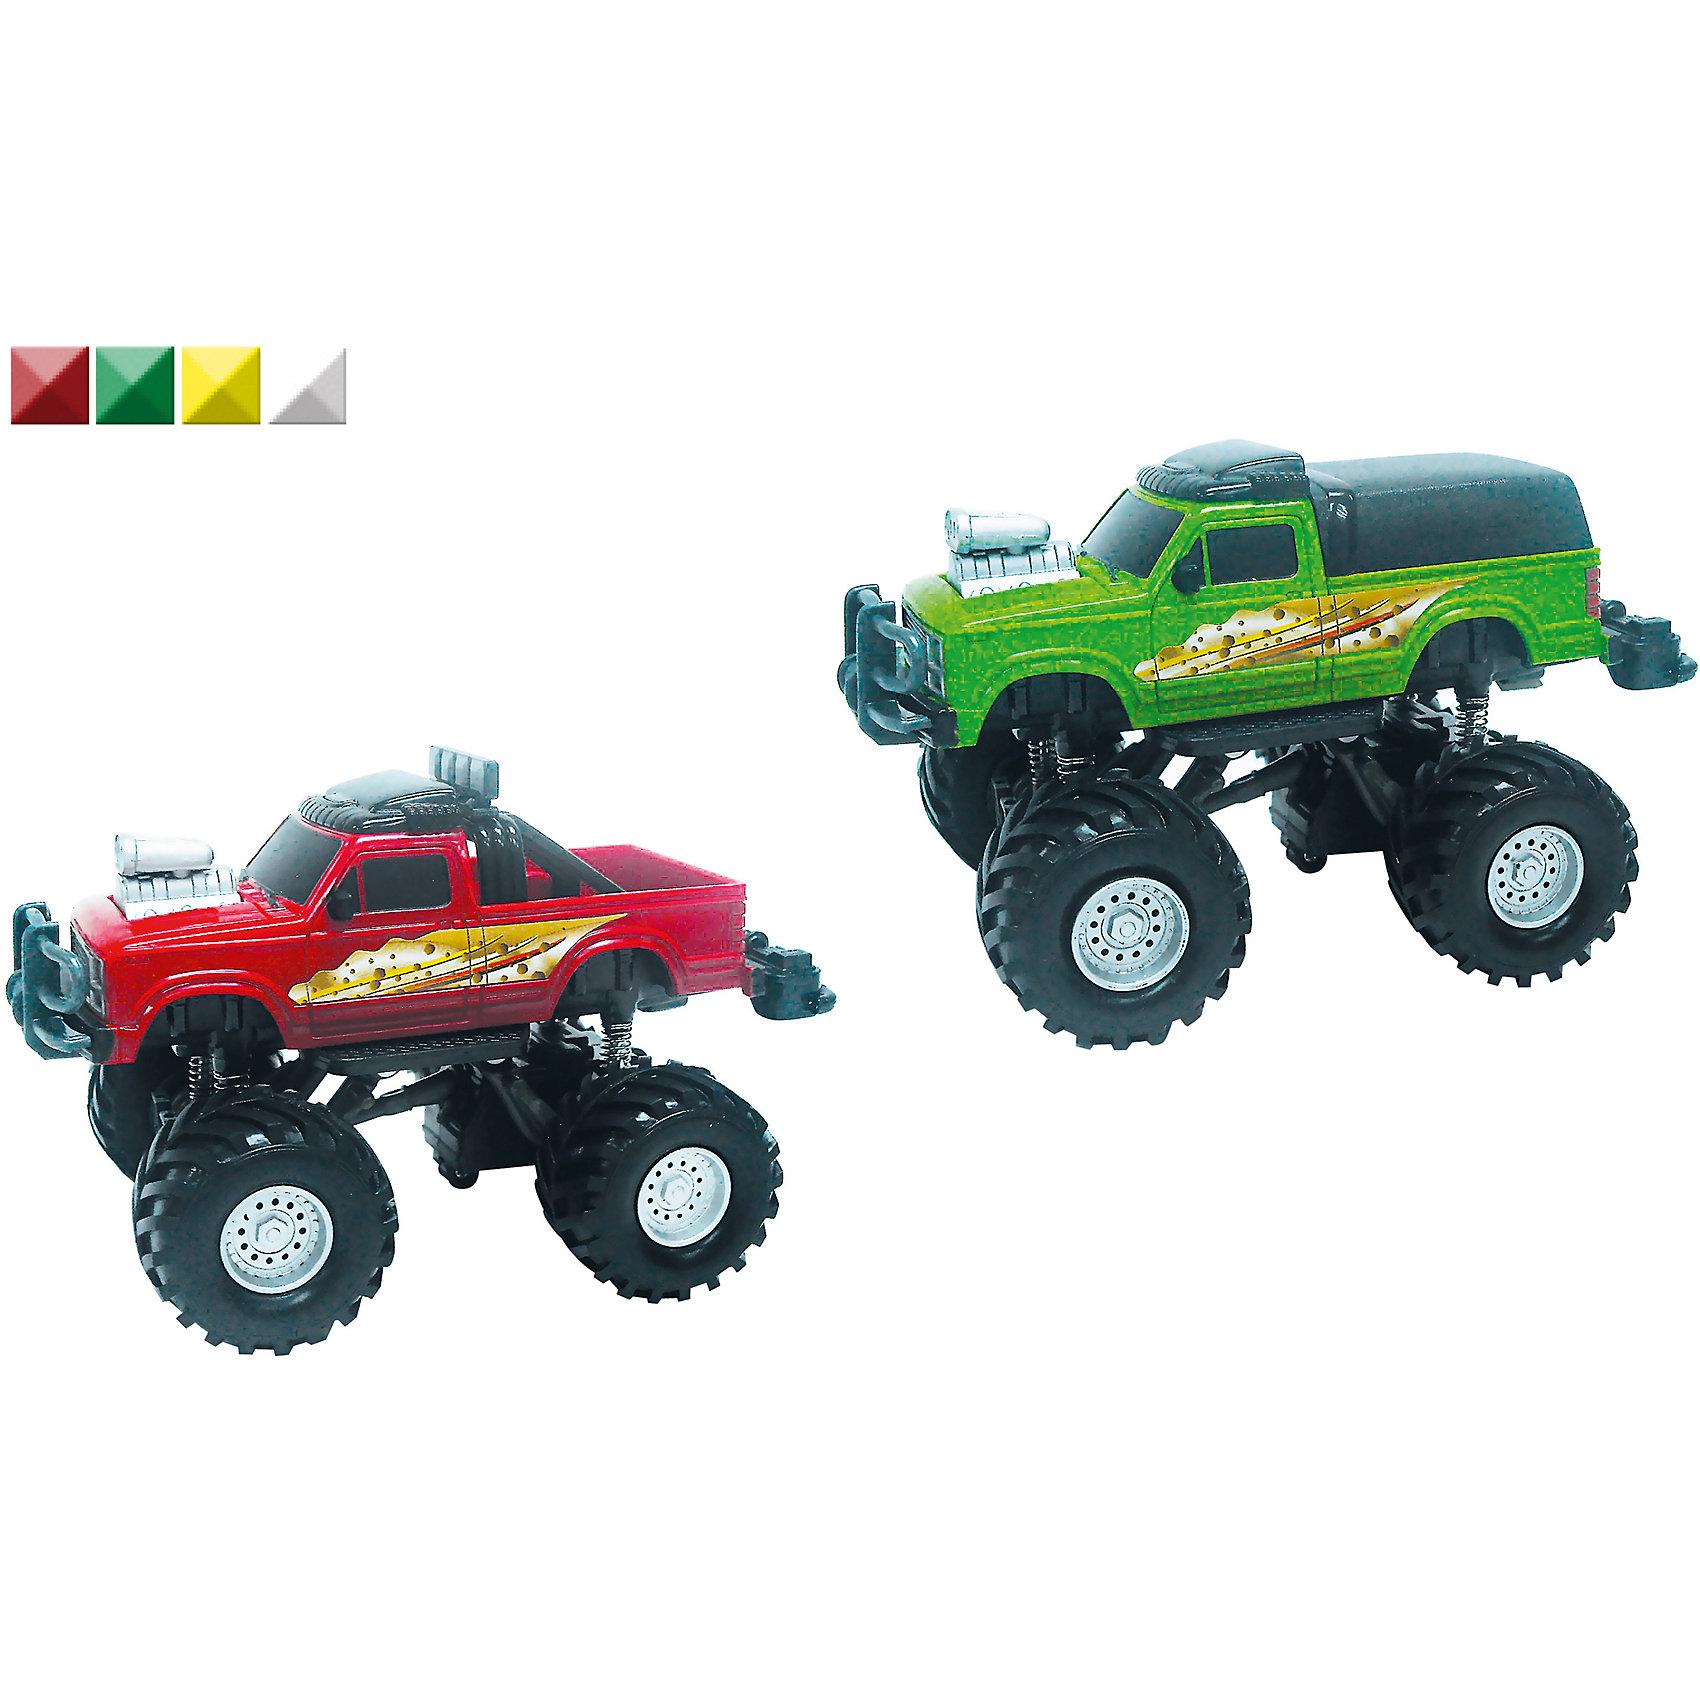 Машина Monster Truck, 1:32, со звуком, AutotimeМашинки<br>Машина Monster Truck, 1:32, со звуком, Autotime (Автотайм).<br><br>Характеристики:<br><br>• Масштаб 1:32<br>• Материал: металл, пластик<br>• Батарейки: 2xAG13 1.5V (входят в комплект)<br>• Упаковка: картонная коробка блистерного типа<br>• Размер упаковки: 17,5х9.5х11,5 см.<br>• ВНИМАНИЕ! Данный артикул представлен в различном цветовом исполнении. К сожалению, заранее выбрать определенный вариант невозможно. При заказе нескольких машинок возможно получение одинаковых<br><br>На дороге трудно найти машину, которая рискнет подрезать большой джип с яркой расцветкой и крутым принтом. Высокая подвеска возвышает Monster Truck над другими игрушечными автомобилями. Машинка обладает крупными колесами с протектором, которым не страшны любые неровности, встречающиеся на пути. Корпус машинки металлический с пластиковыми элементами. Машинка имеет инерционный механизм и звуковые эффекты. При нажатии на кнопку, расположенную на заднем бампере игрушки, раздаются звуки, имитирующие езду настоящей машины. Этот внедорожник будет замечательным подарком, который обрадует любого мальчика.<br><br>Машину Monster Truck, 1:32, со звуком, Autotime (Автотайм) можно купить в нашем интернет-магазине.<br><br>Ширина мм: 350<br>Глубина мм: 120<br>Высота мм: 158<br>Вес г: 288<br>Возраст от месяцев: 36<br>Возраст до месяцев: 2147483647<br>Пол: Мужской<br>Возраст: Детский<br>SKU: 5583853